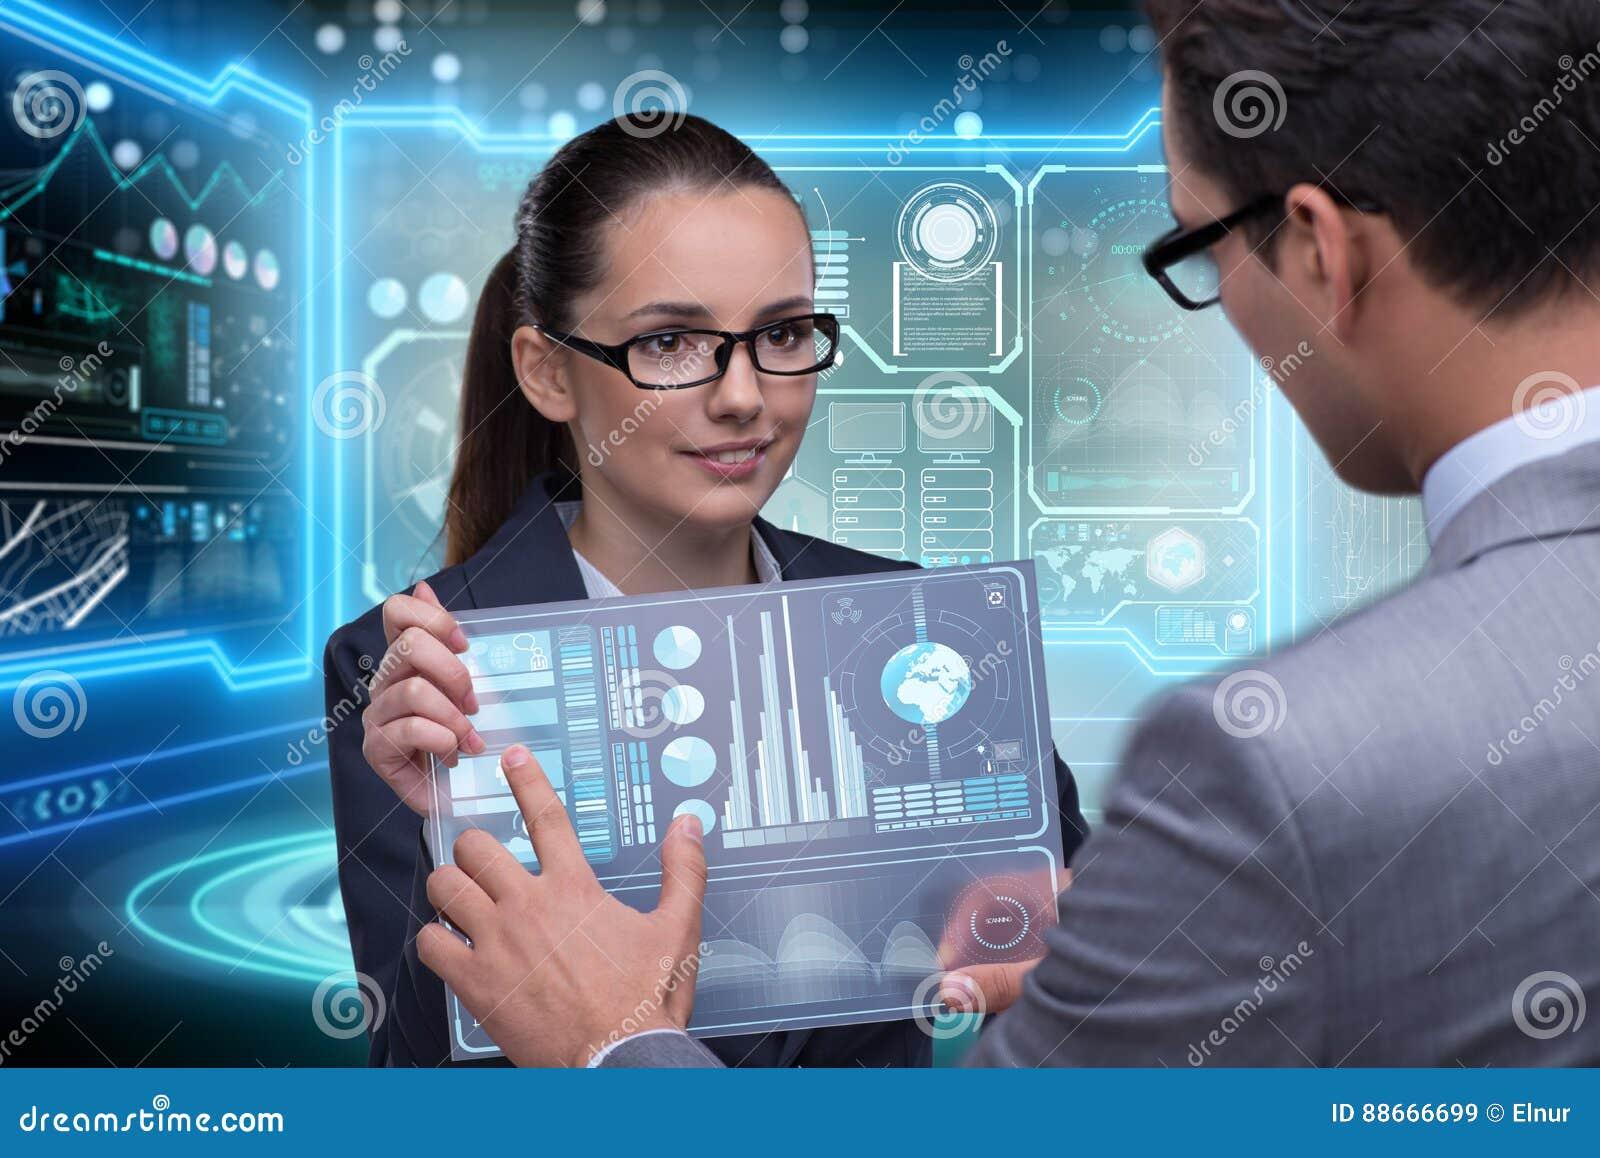 Los pares de hombre de negocios y de empresaria que discuten datos